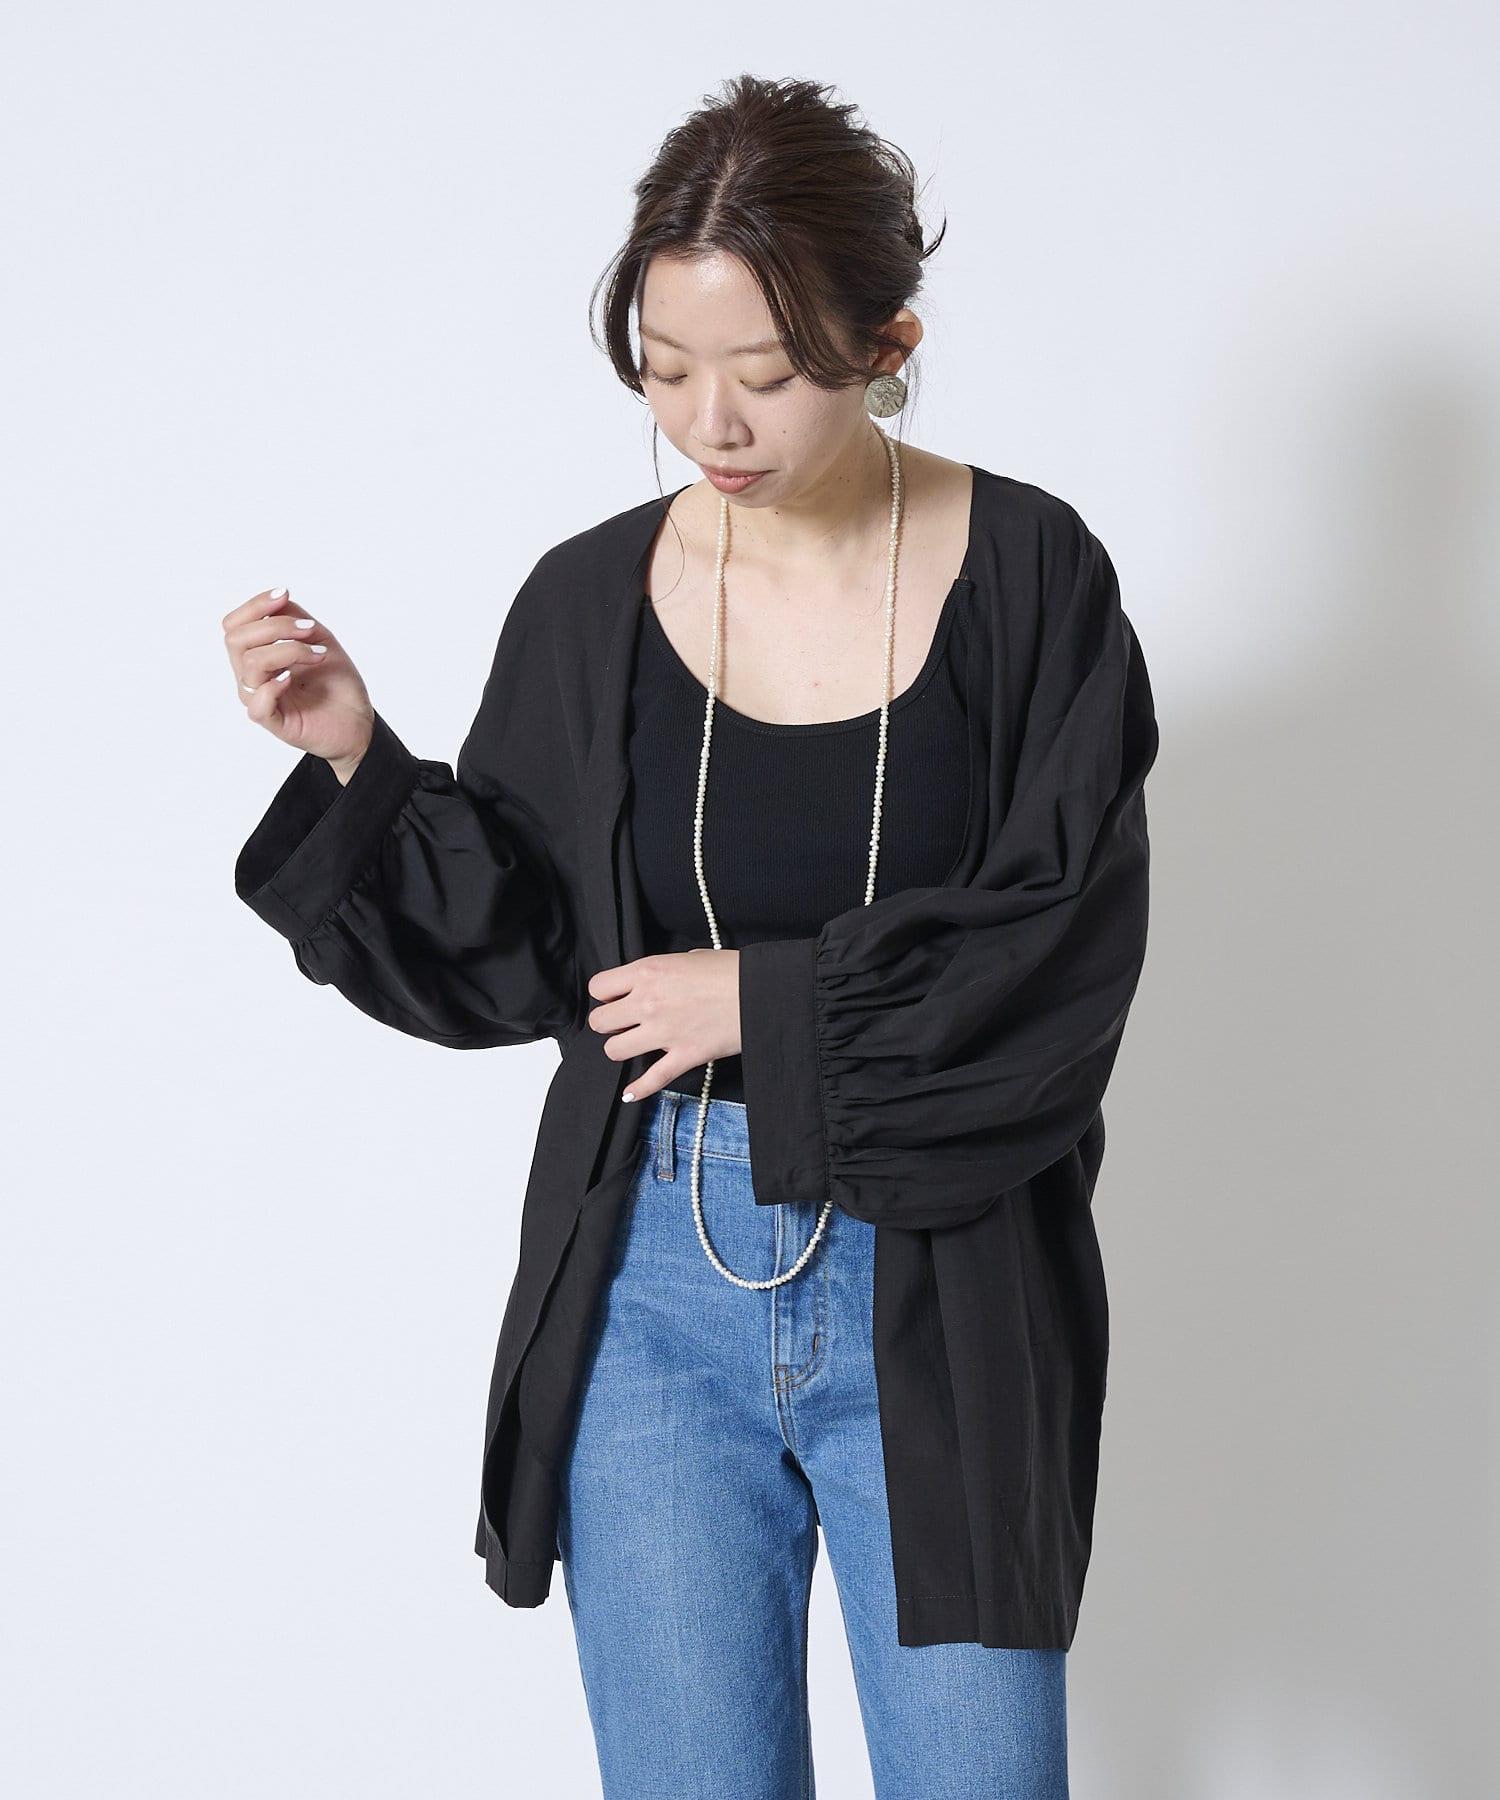 DOUDOU(ドゥドゥ) 【WEB限定】8分袖イージーカフスシャツジャケット